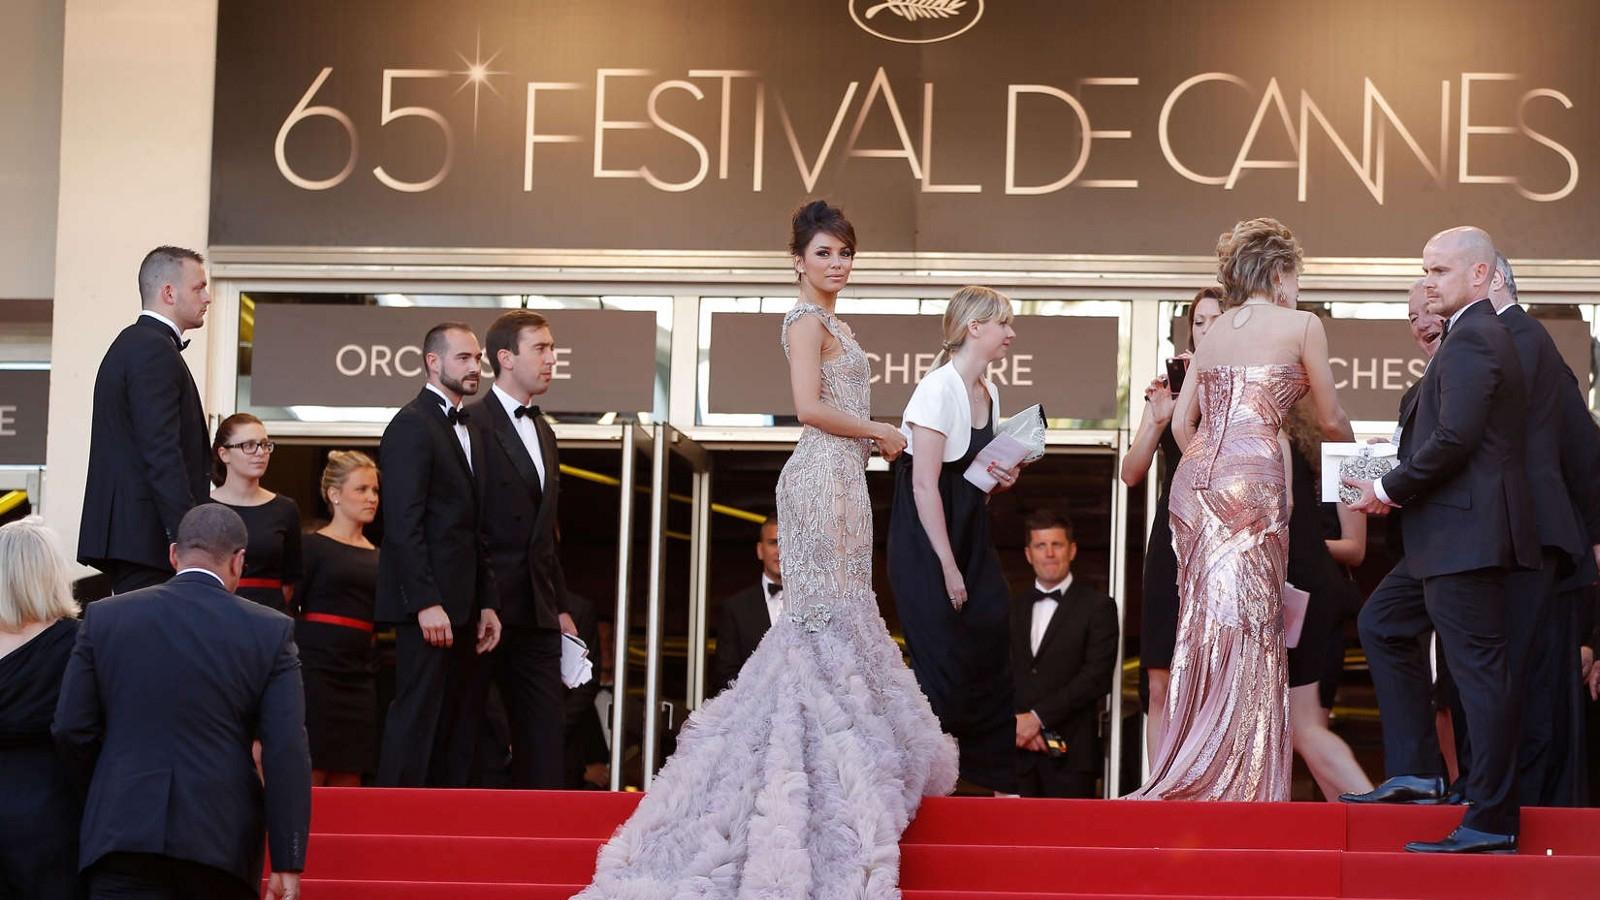 Cannes 2018: HP supporta l'innovazione, la diversità e l'inclusione thumbnail